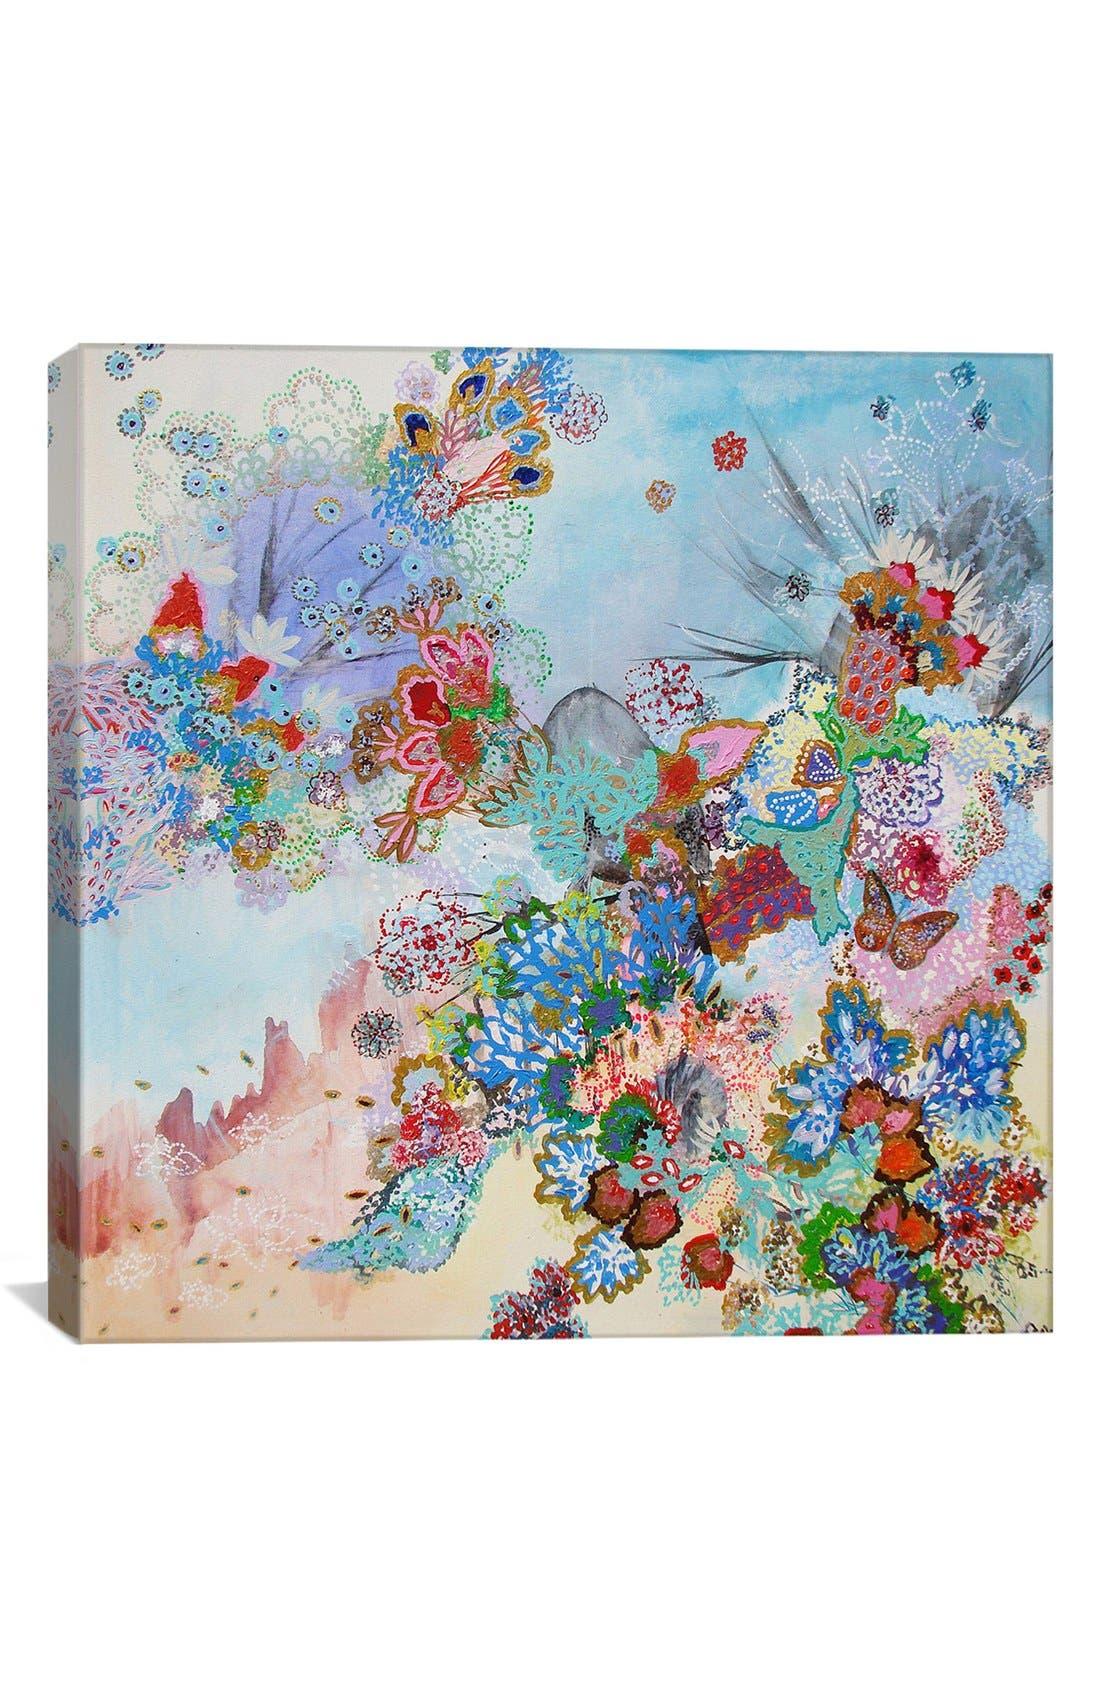 'Ave Fenix - Lia Porto' Giclée Print Canvas Art,                         Main,                         color, Blue